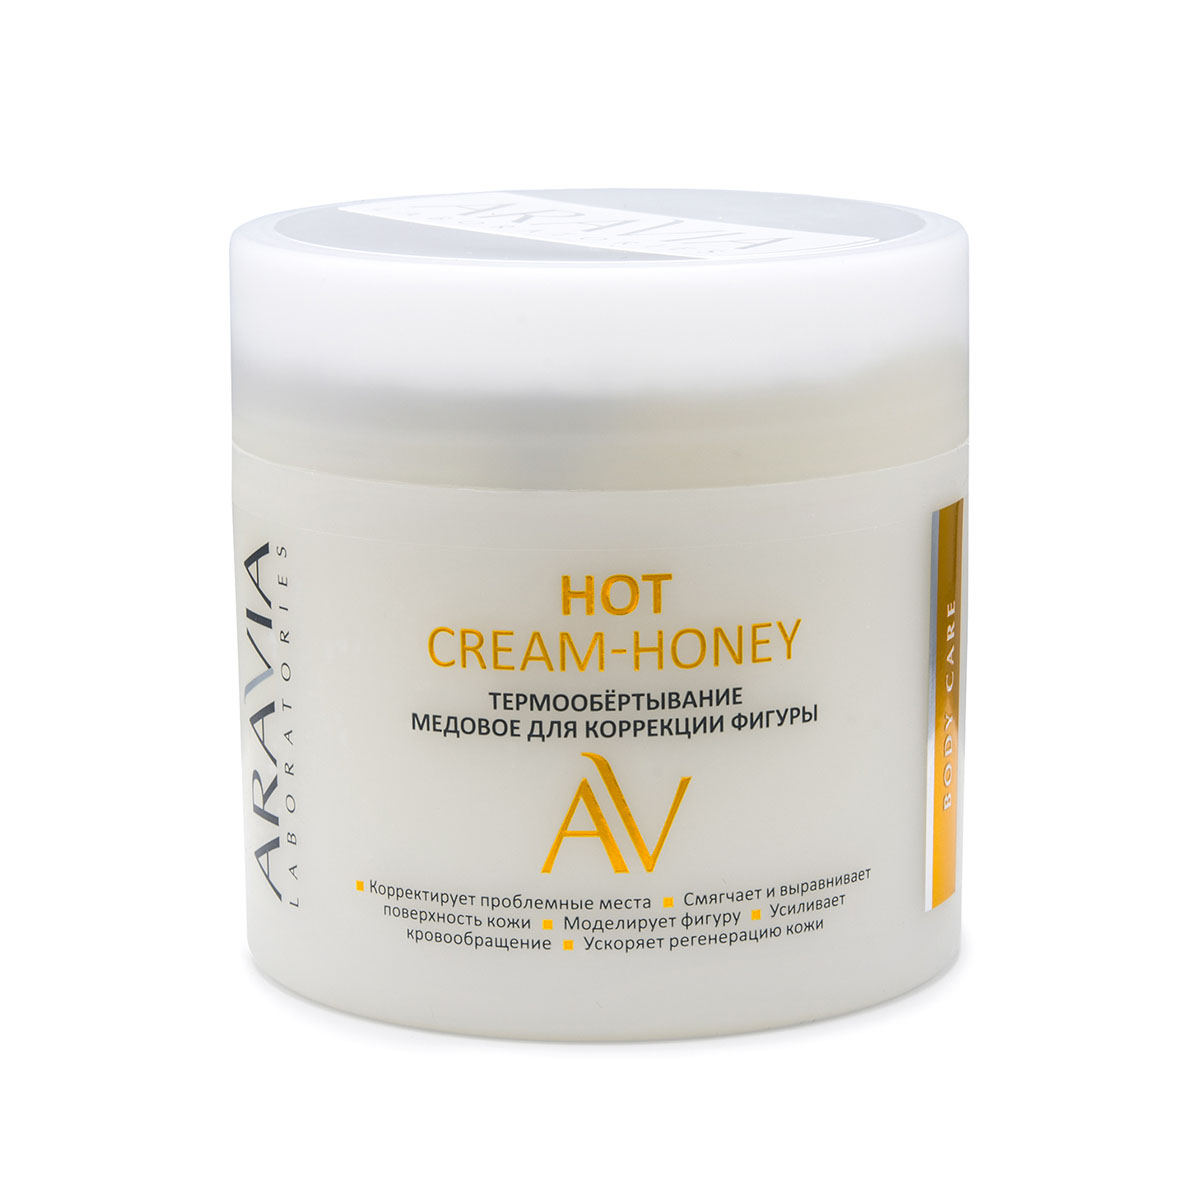 Купить Aravia Professional Термообёртывание медовое для коррекции фигуры Hot Cream-Honey, 300 мл (Aravia Professional, Уход за телом), Россия